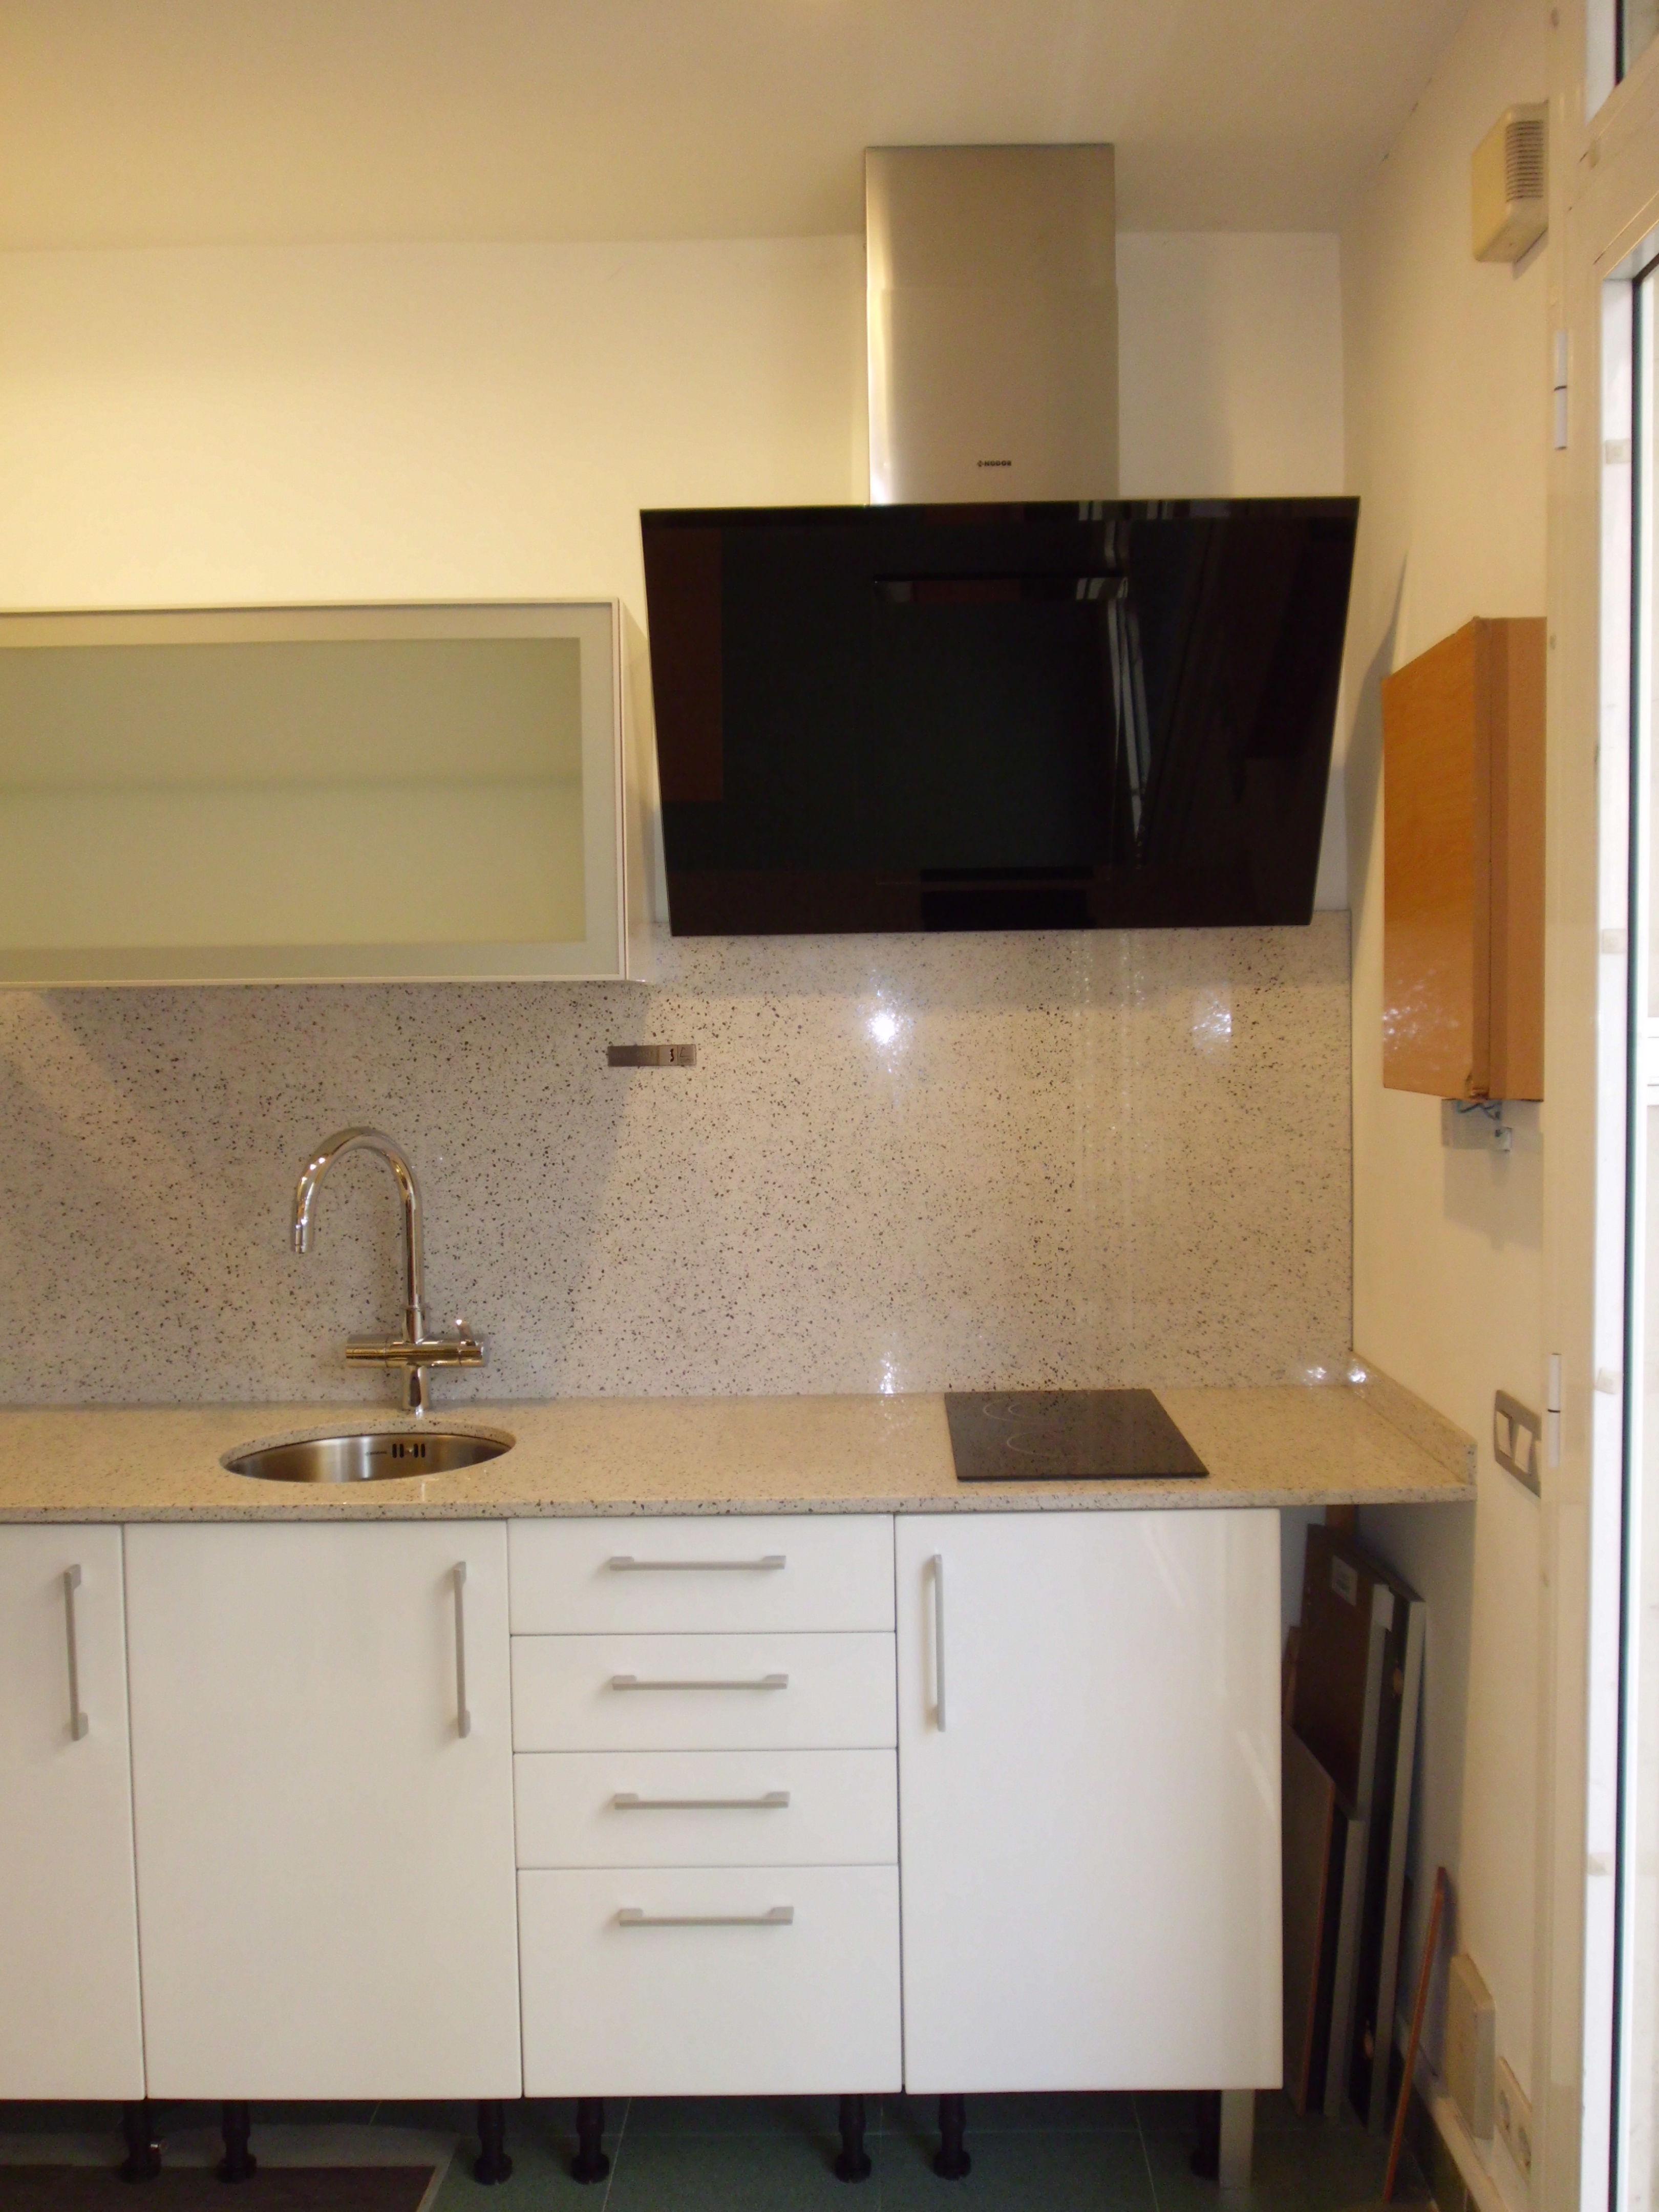 Oferta muebles cocina eixample servicios y productos de - Ofertas muebles cocina ...